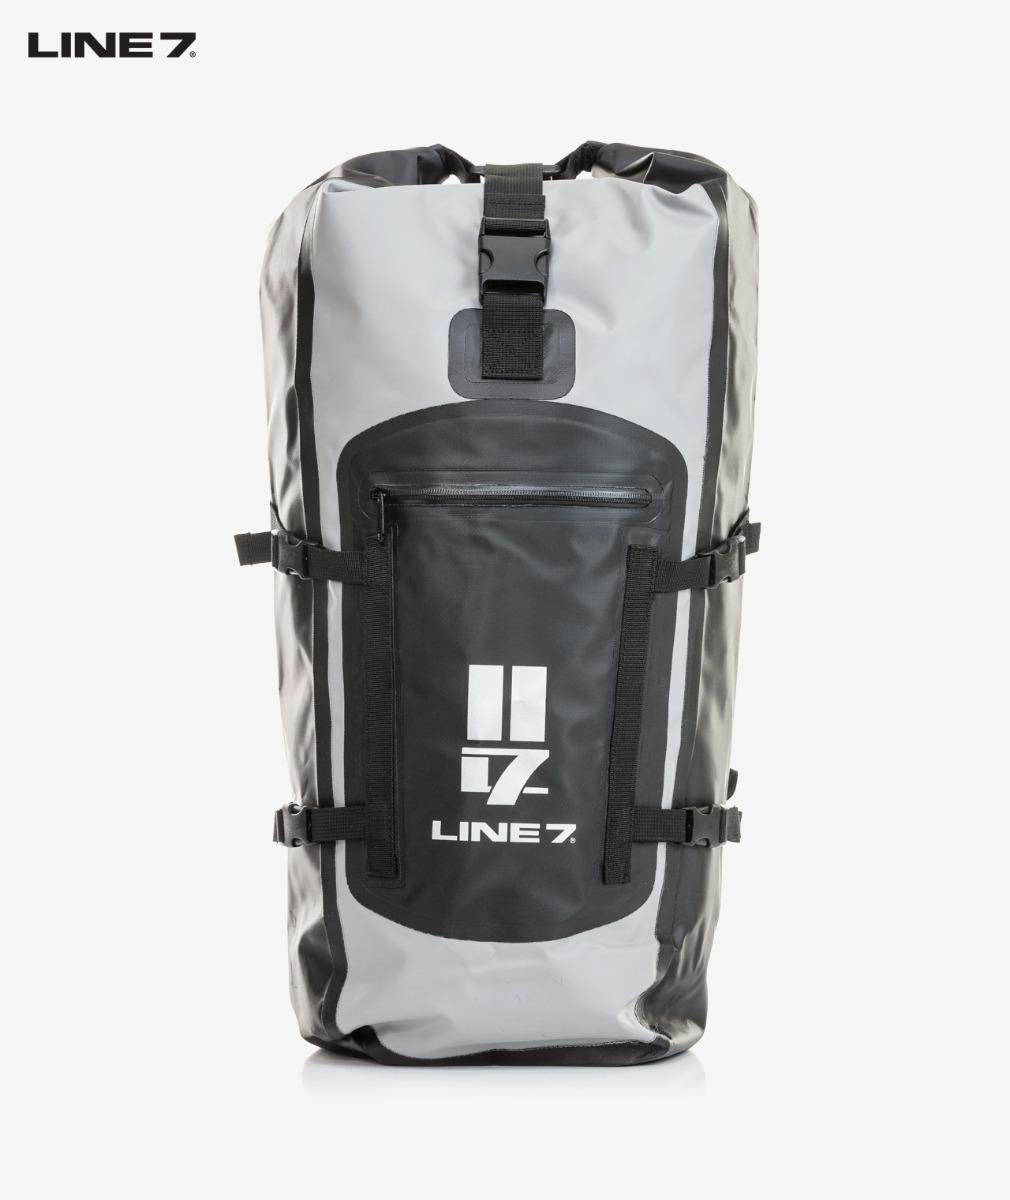 Line 7 Waterproof Backpack 35L